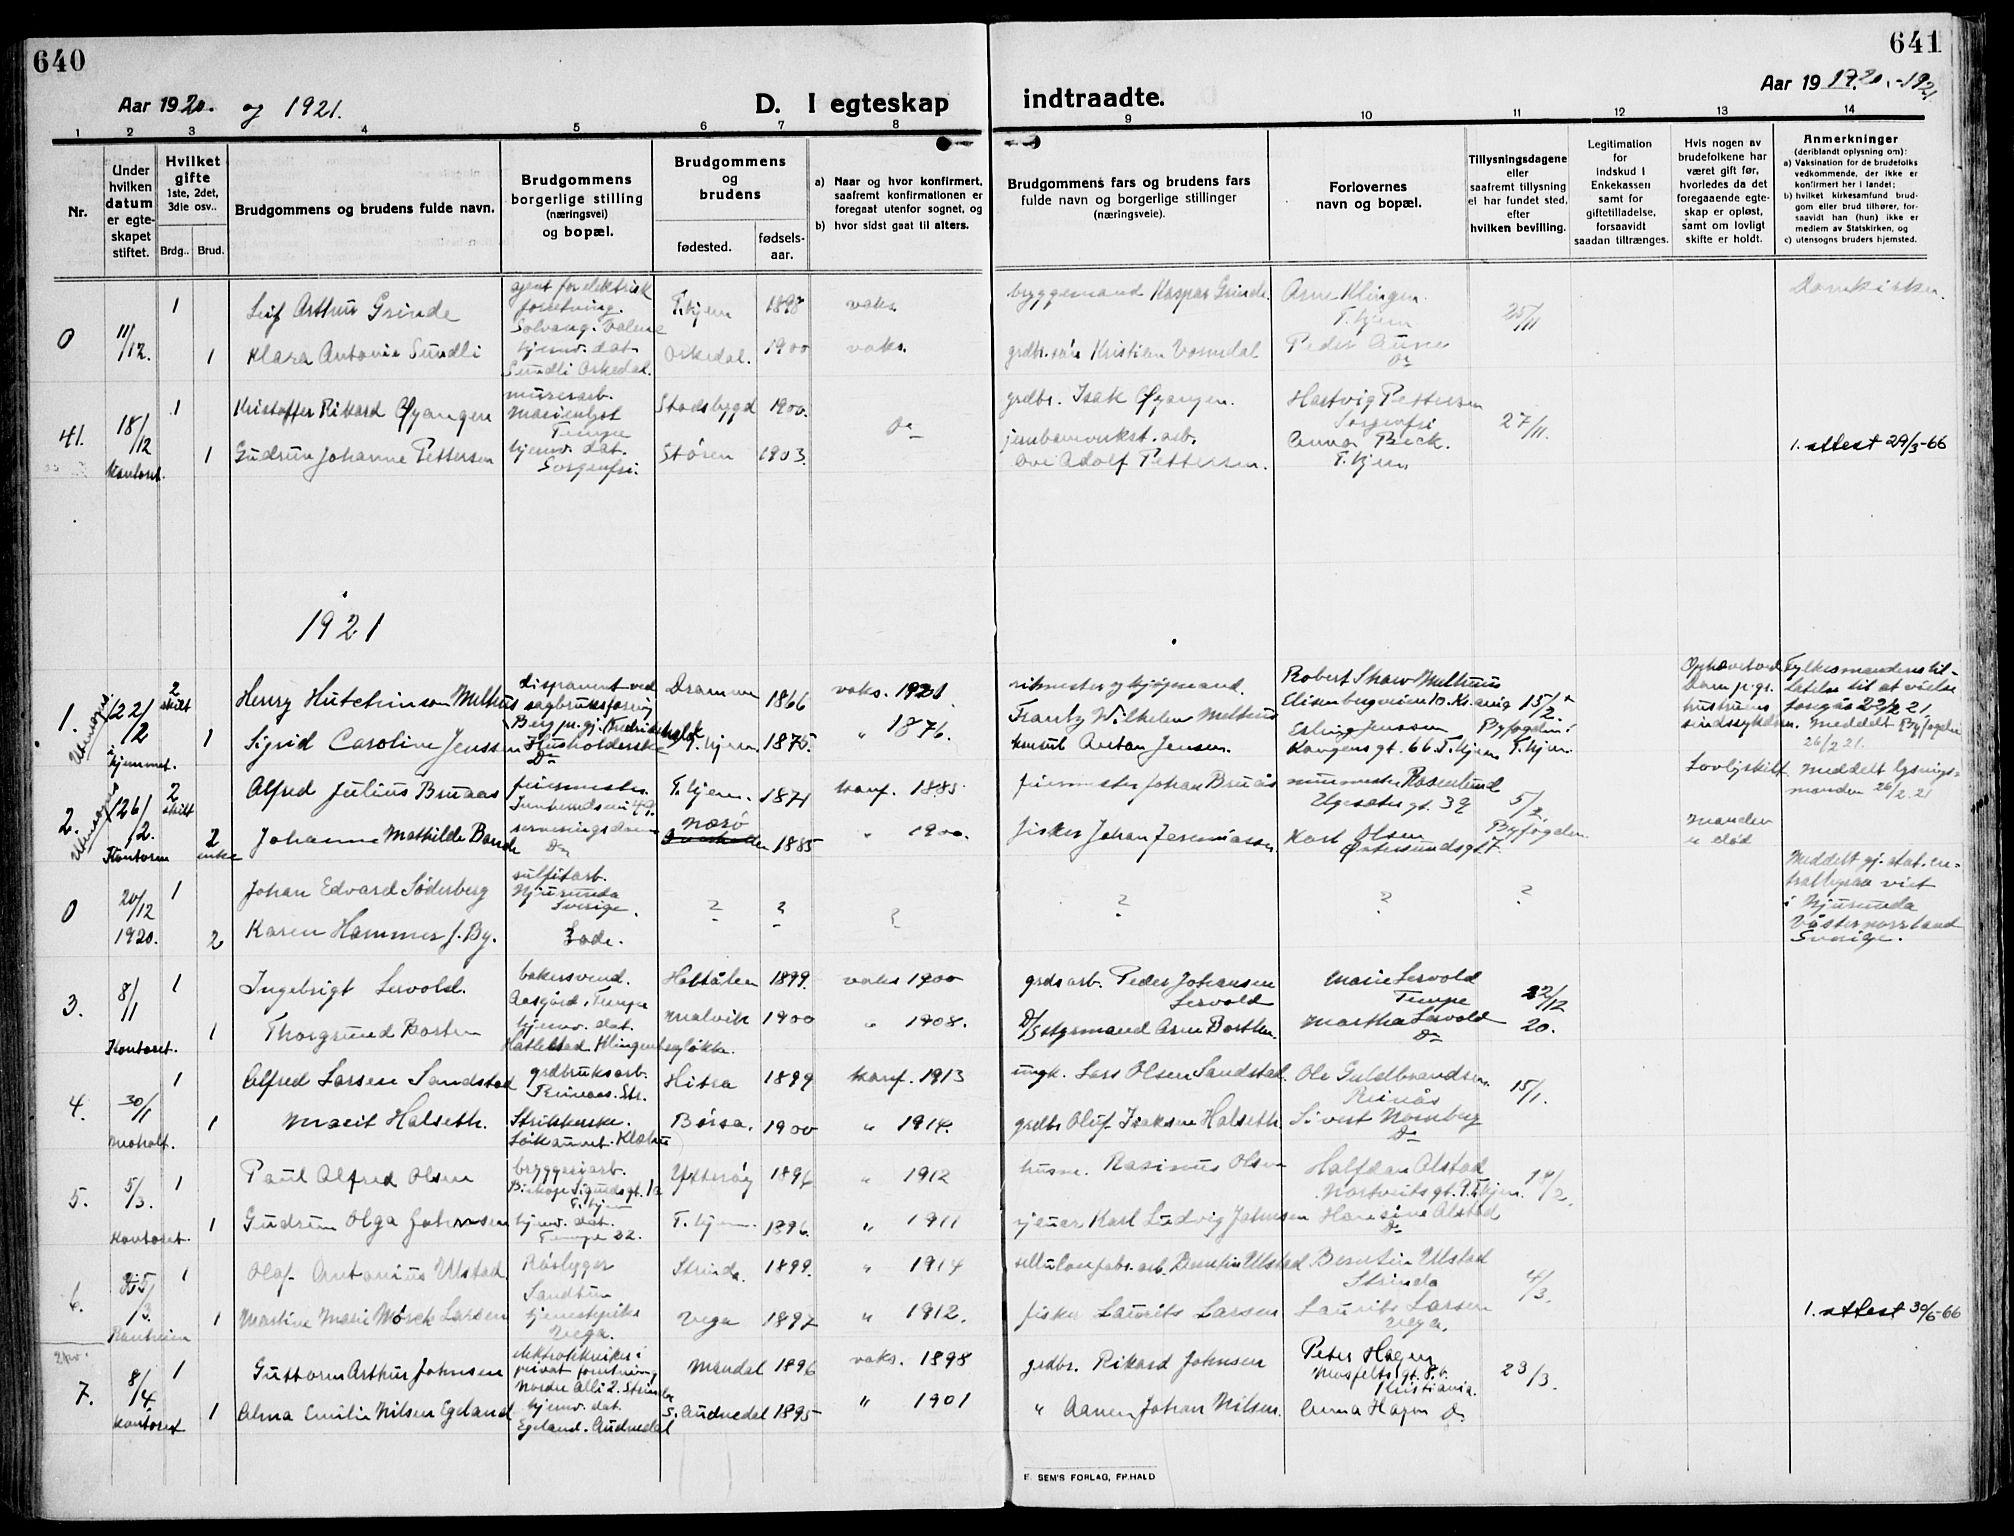 SAT, Ministerialprotokoller, klokkerbøker og fødselsregistre - Sør-Trøndelag, 607/L0321: Ministerialbok nr. 607A05, 1916-1935, s. 640-641